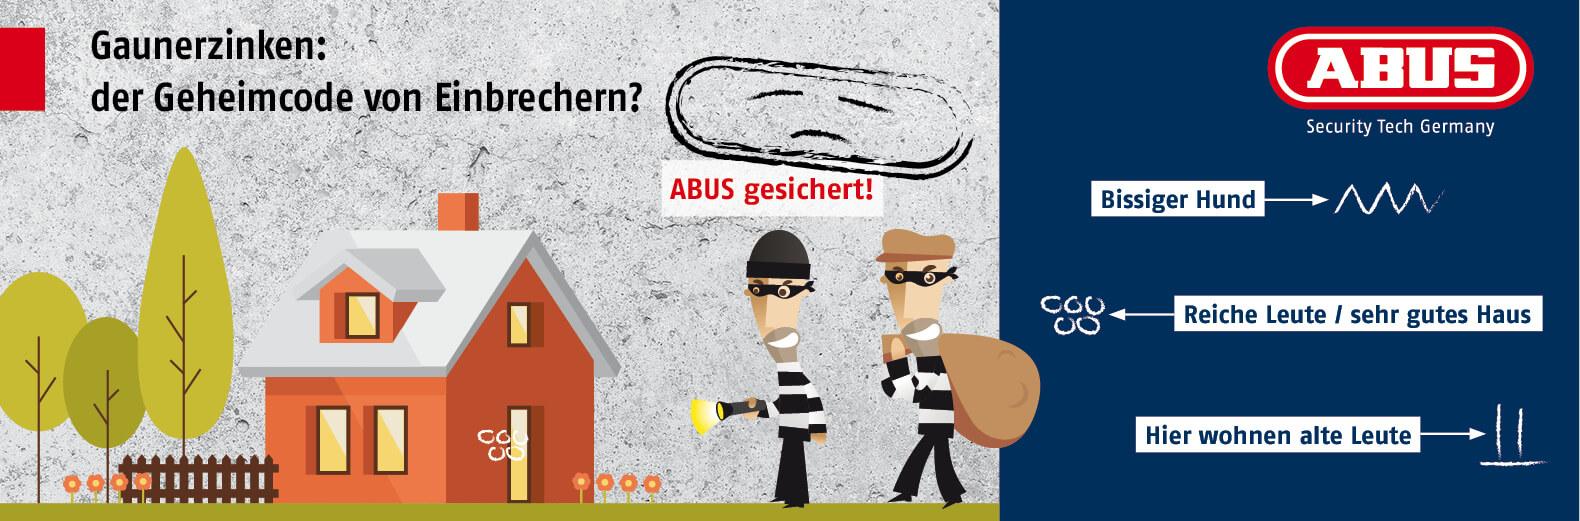 Webbanner ABUS Gaunerzinken